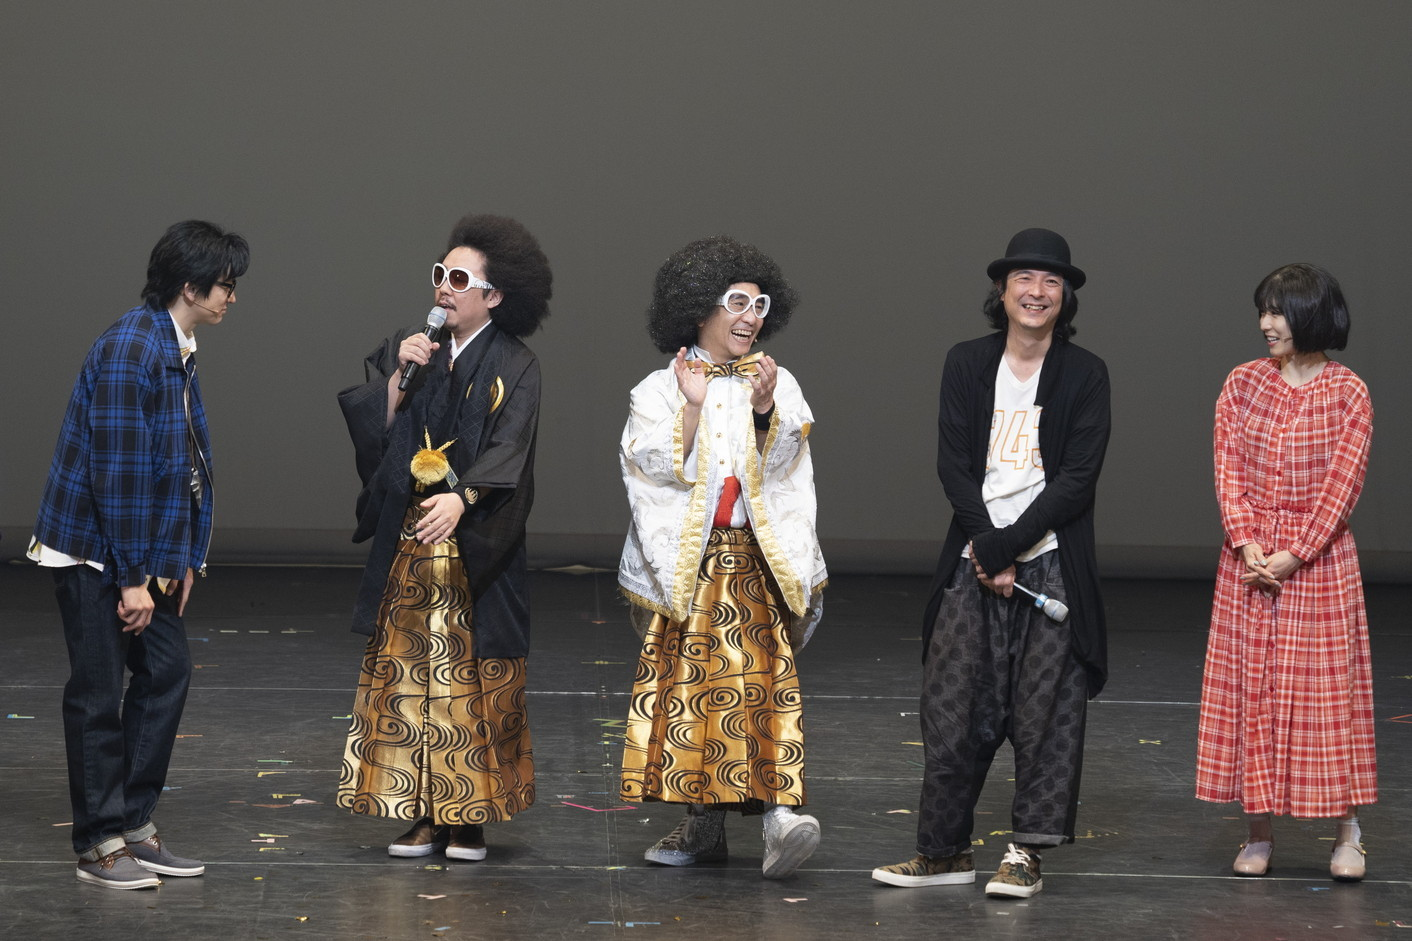 左から 山本耕史、池田貴史、八嶋智人、河原雅彦、松岡茉優